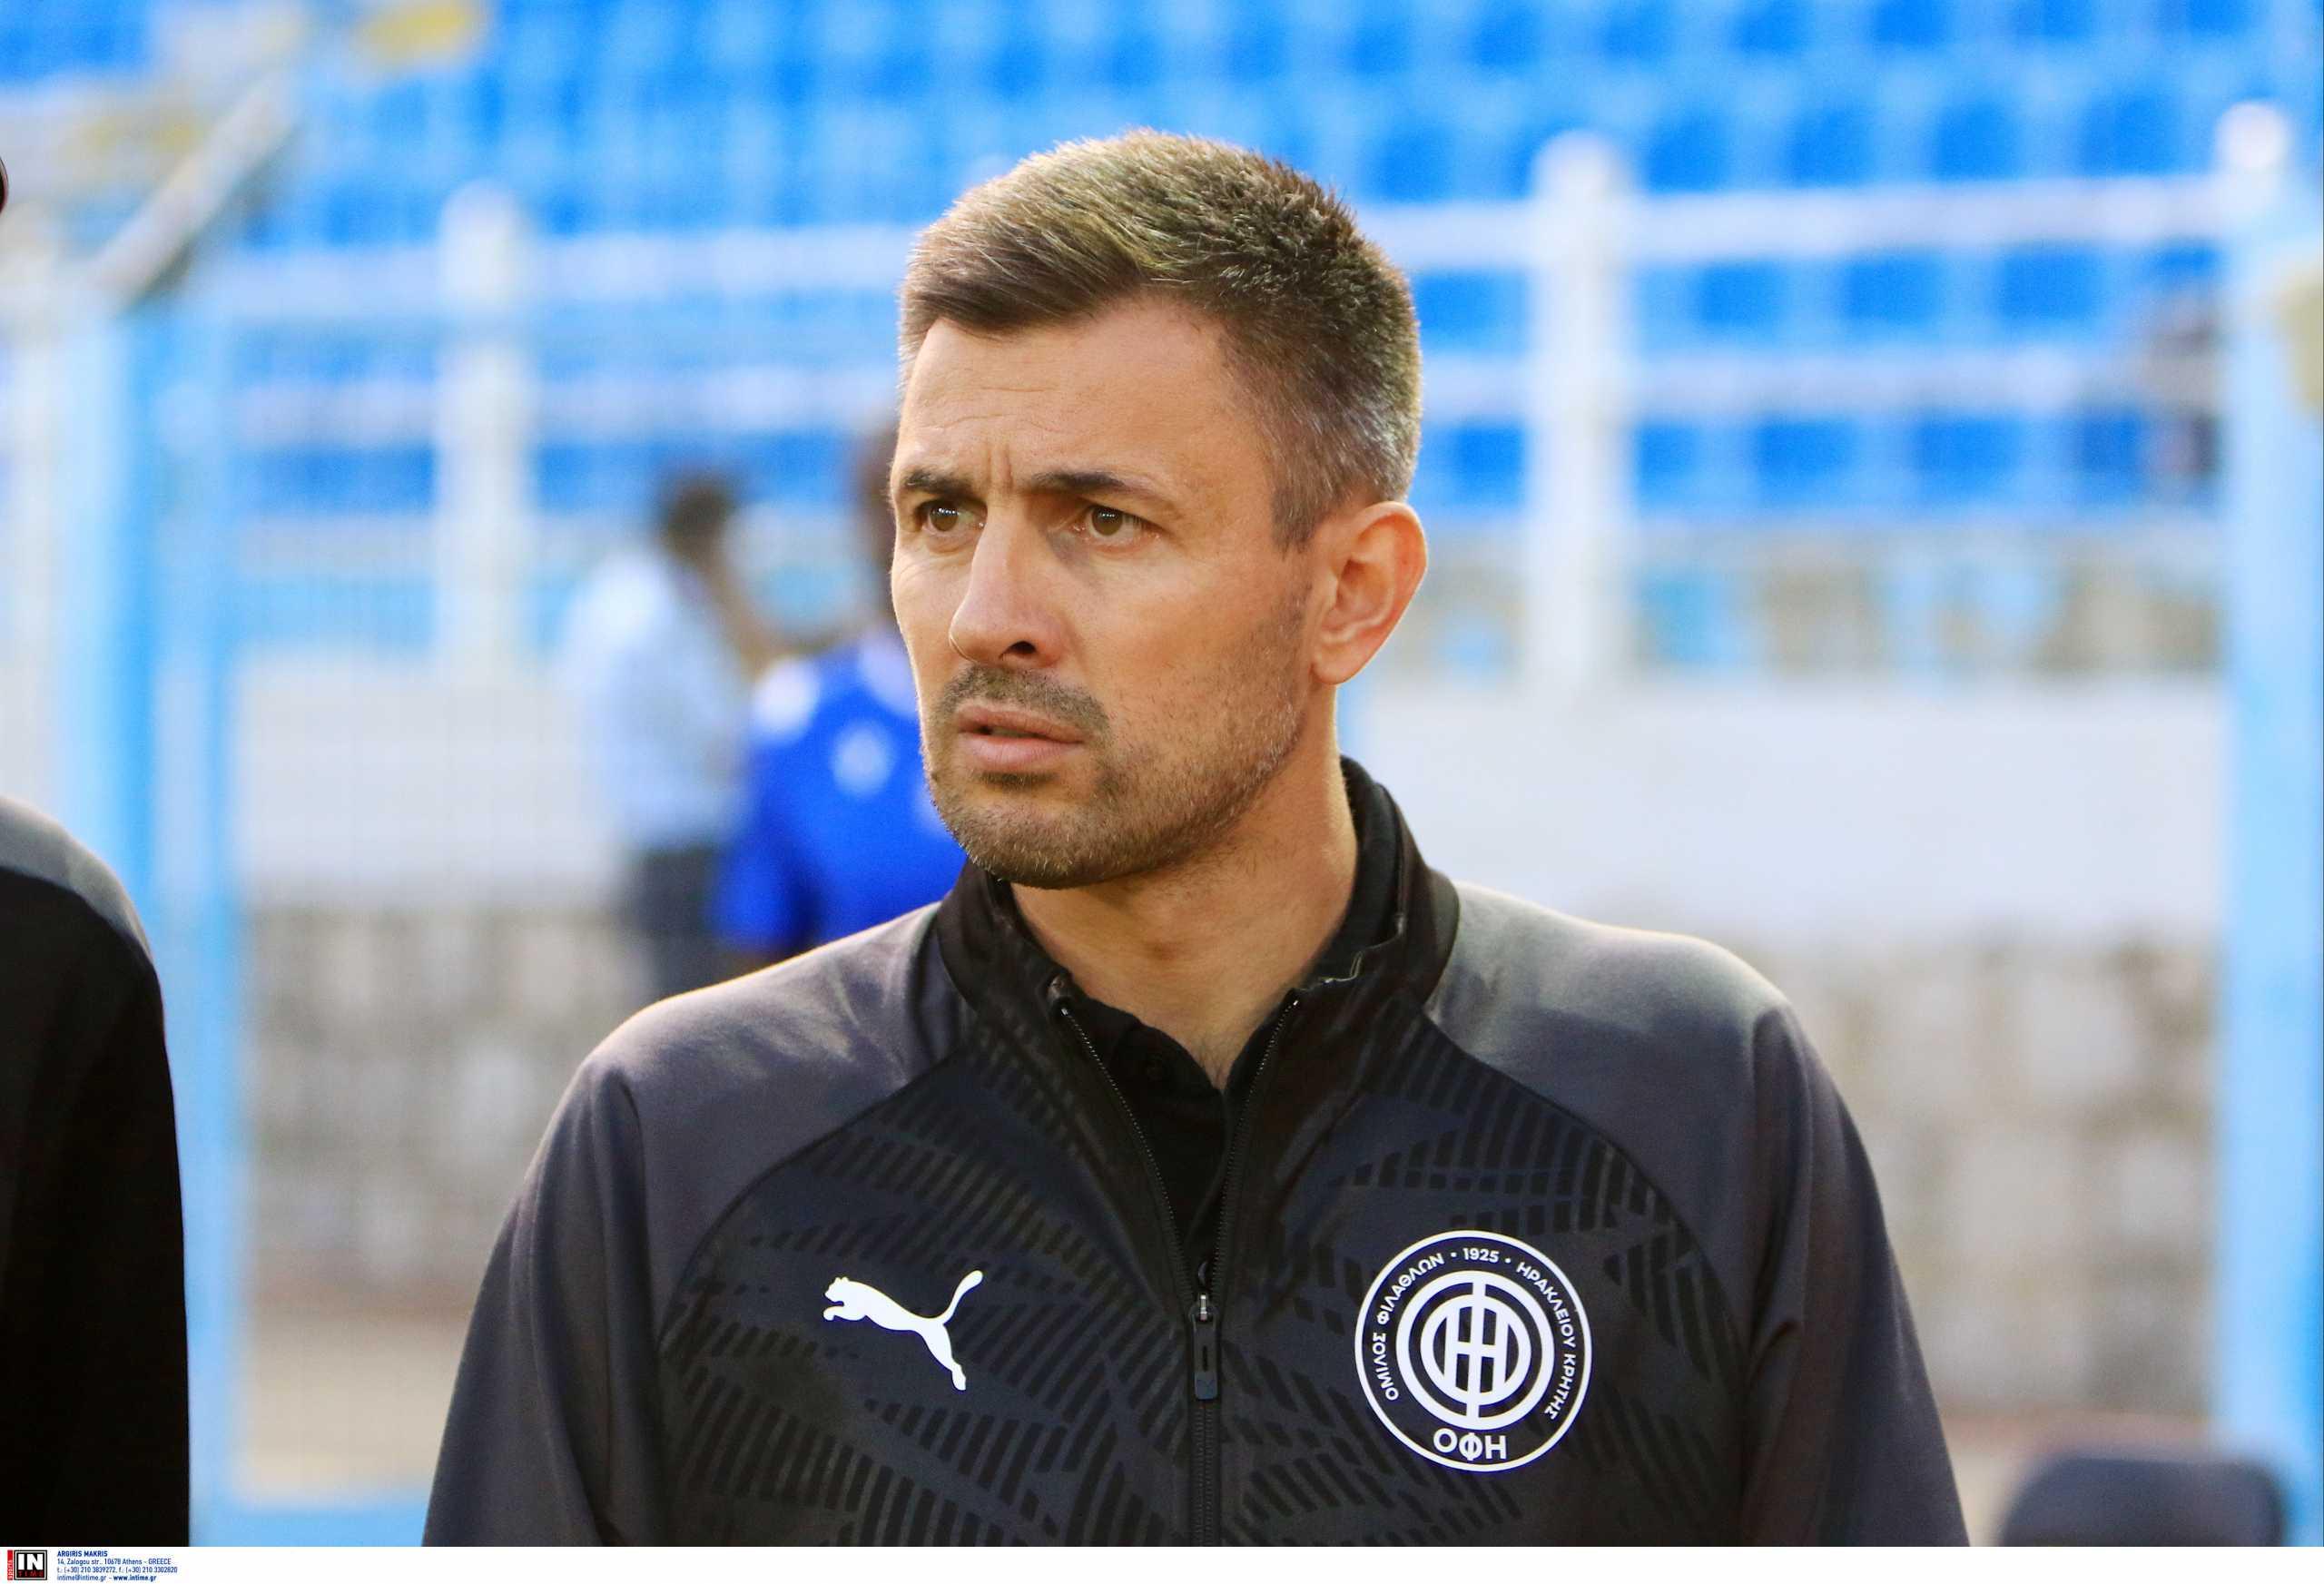 Ο Σίμος νέος προπονητής της Εθνικής Ελπίδων – Τι δήλωσε ο Ζαγοράκης